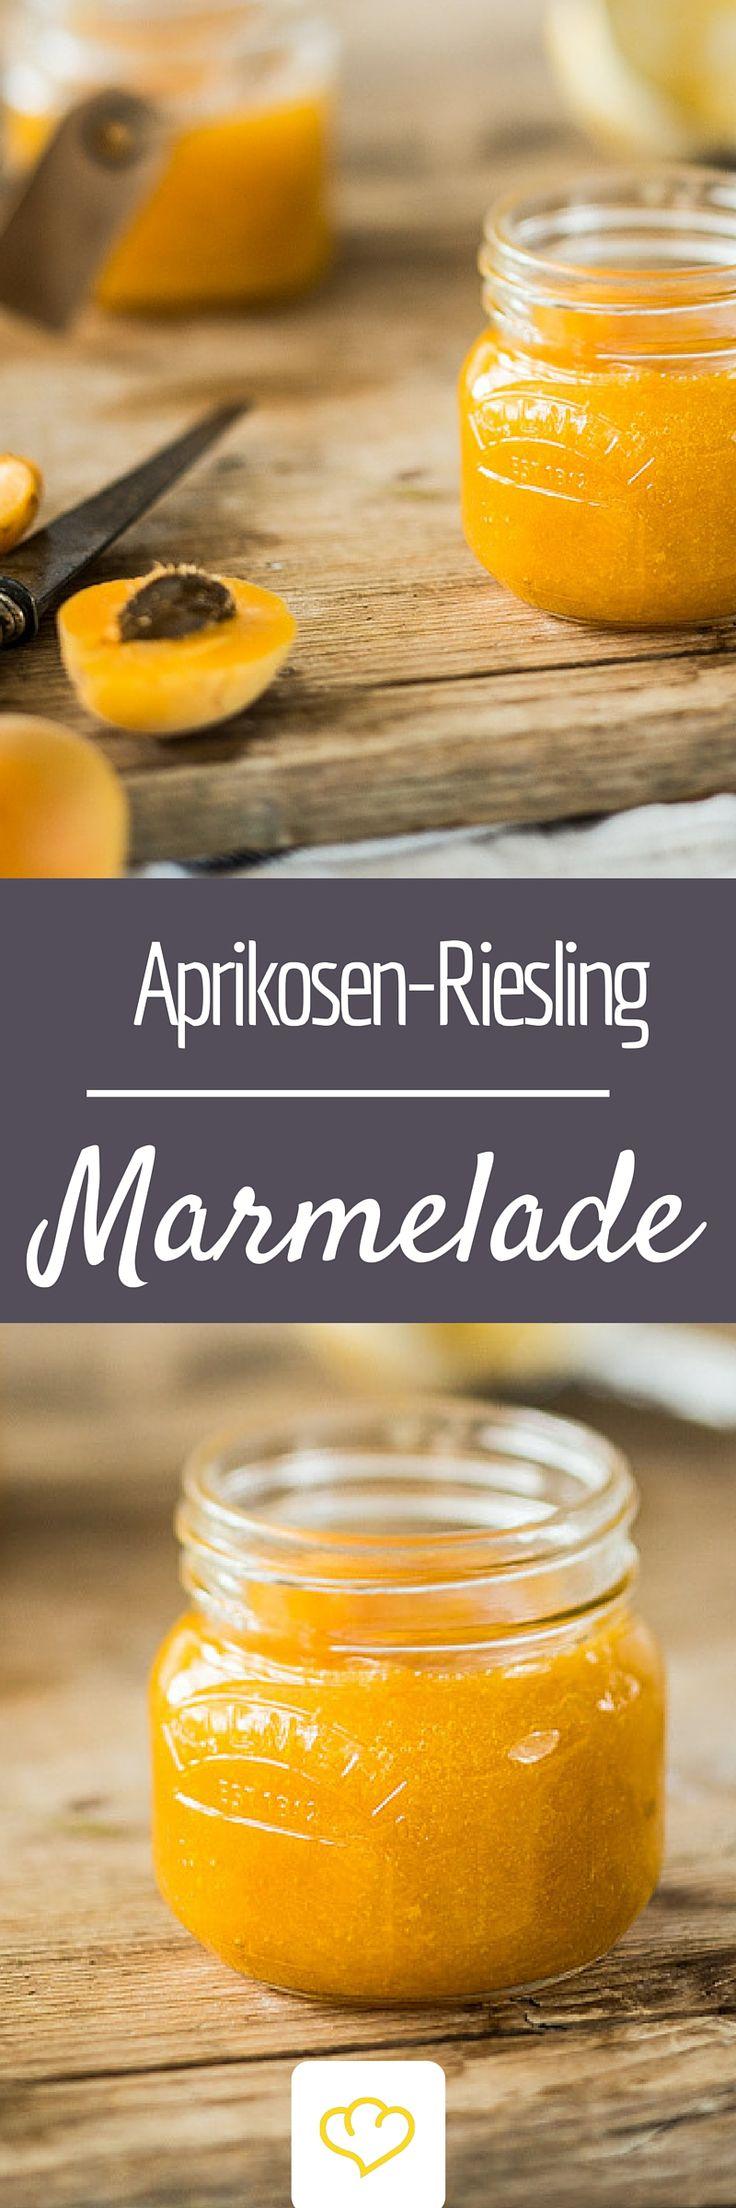 Die Krönung für Scones und Clotted Cream: selbstgekochte Aprikosen-Marmelade mit Riesling!